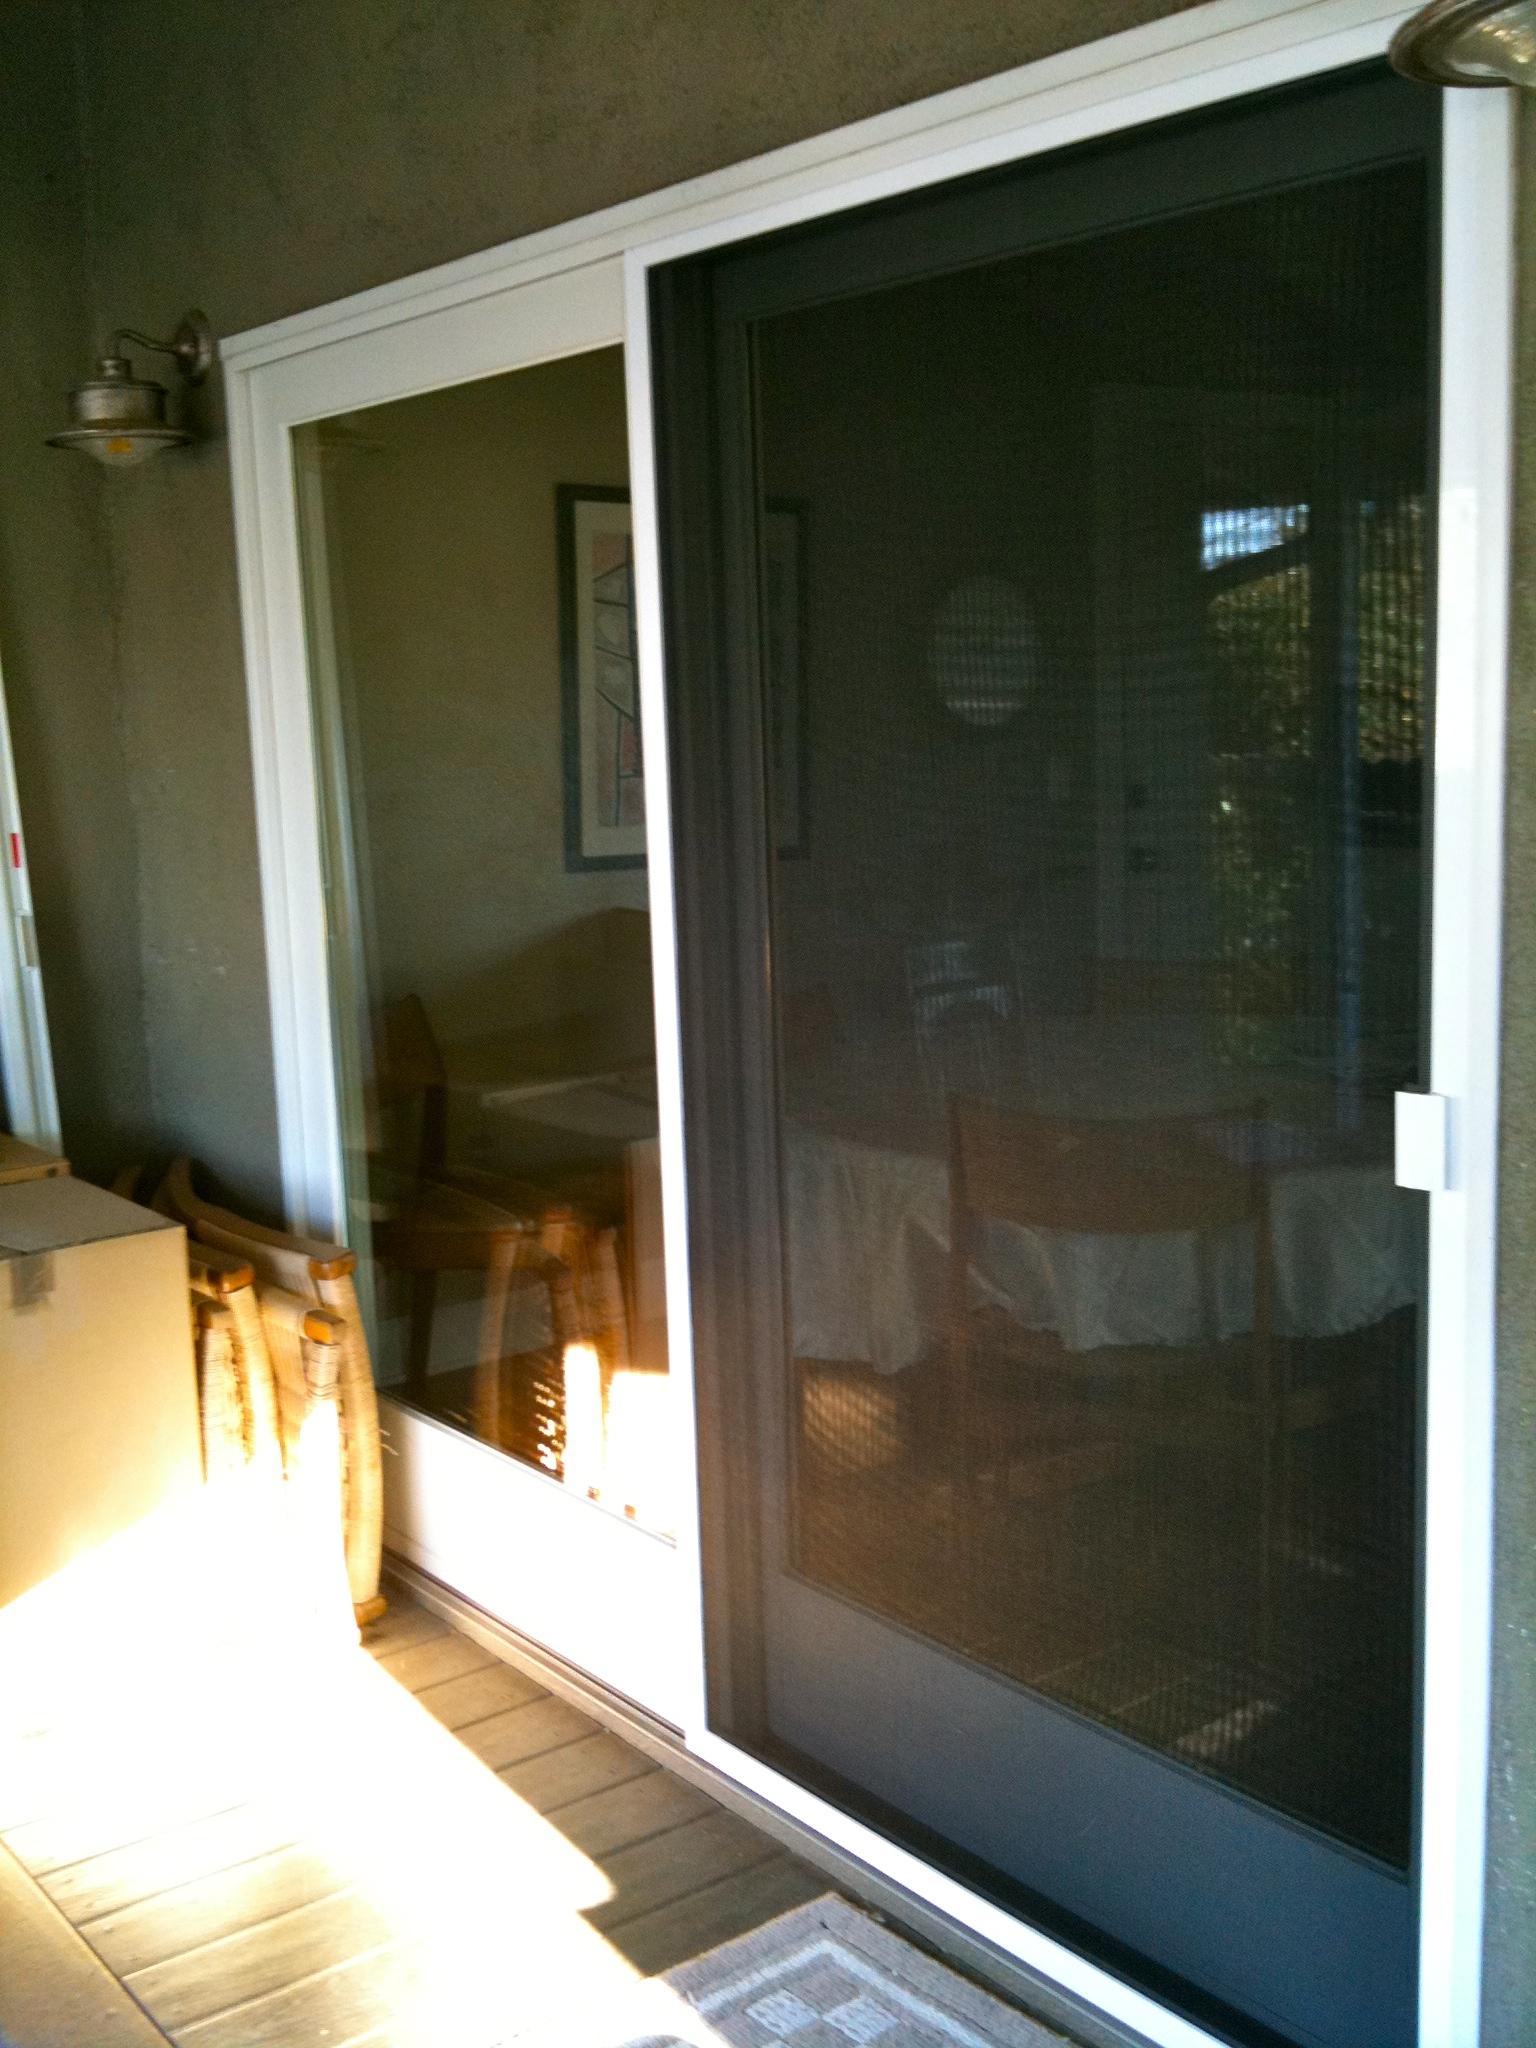 Mobile Home Sliding Door Screenscreen doors screen door repair replacement service 805